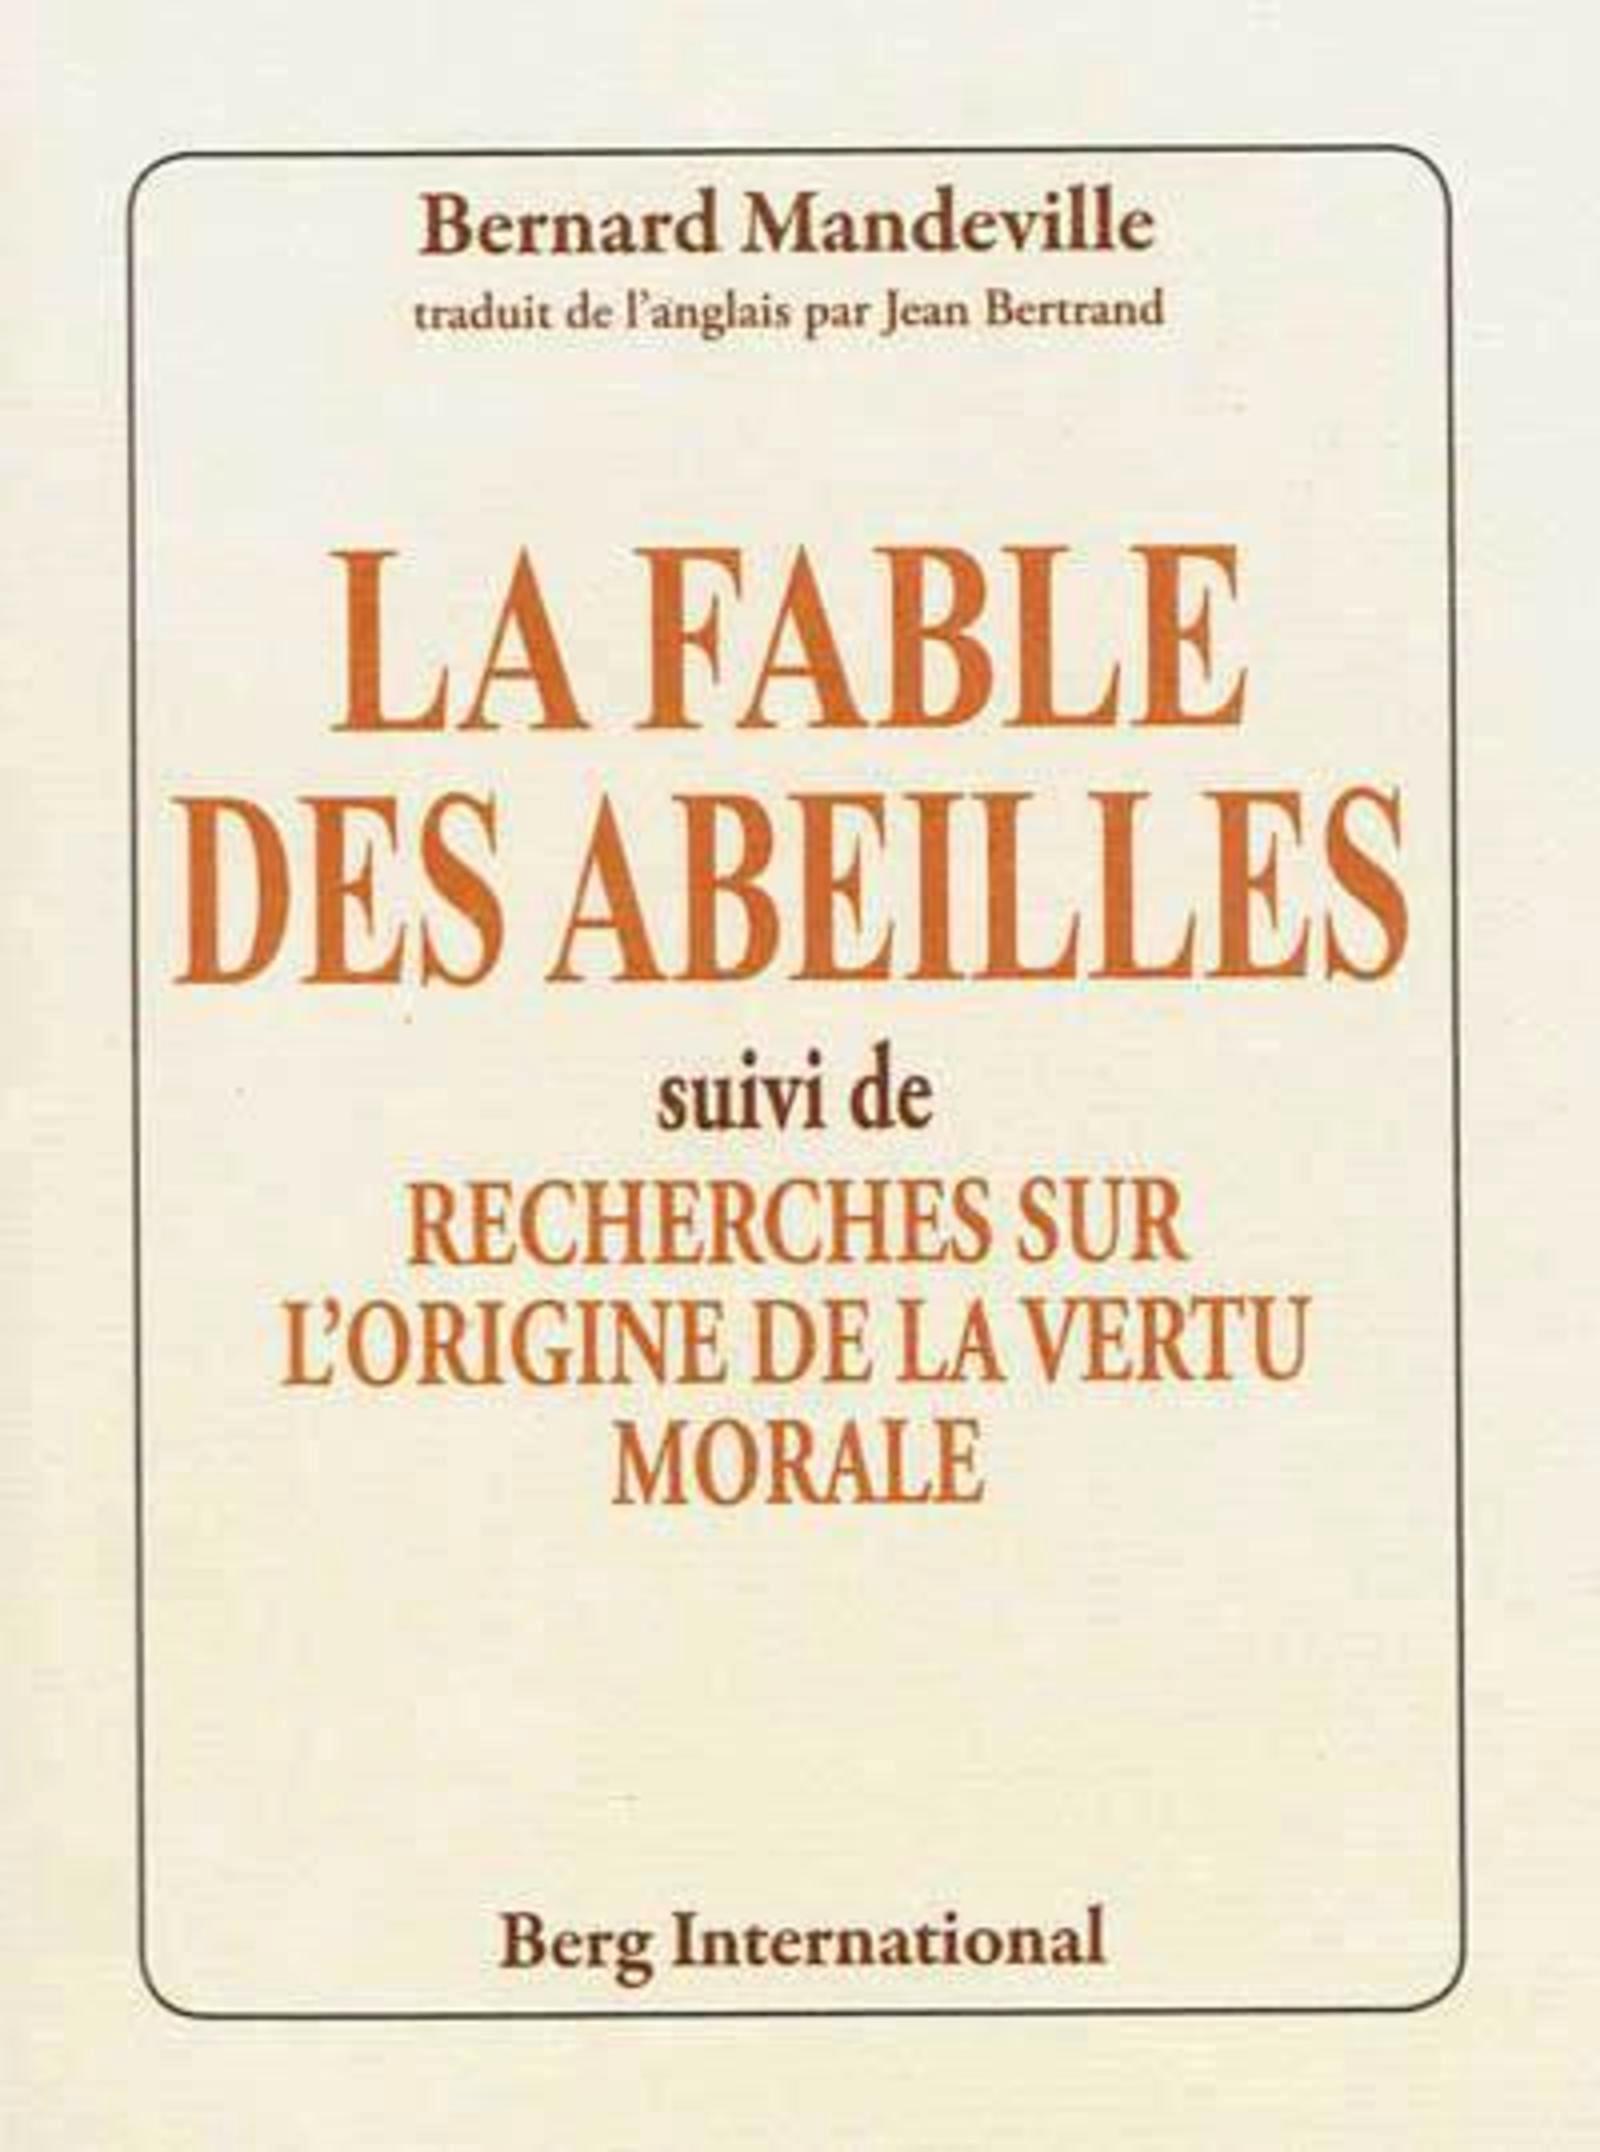 FABLE DES ABEILLES